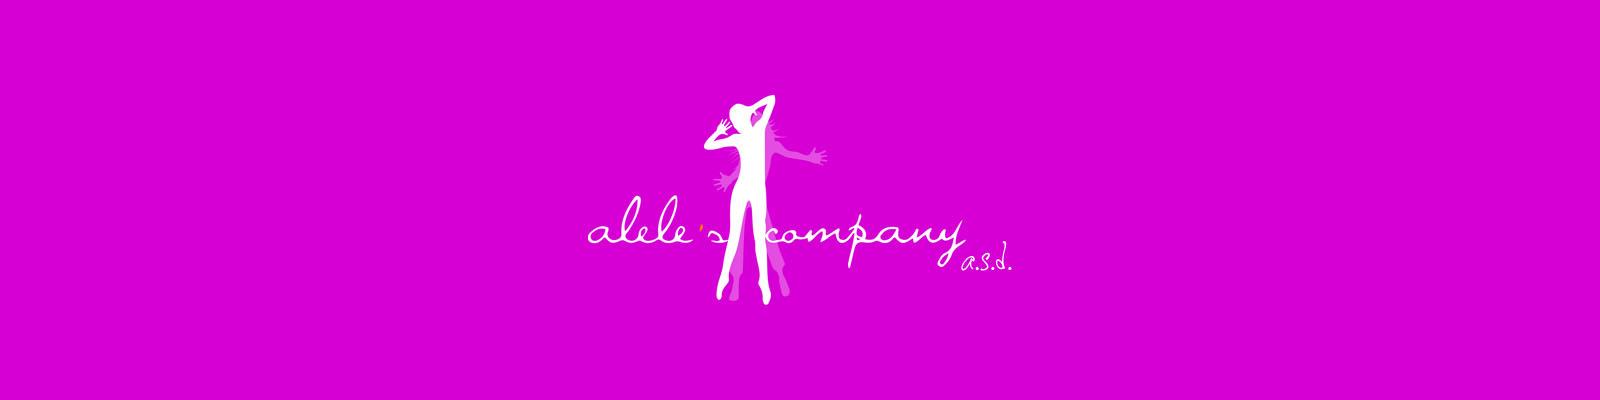 Baby Dance Bande Nere Milano - Prenota subito la tua lezione di prova